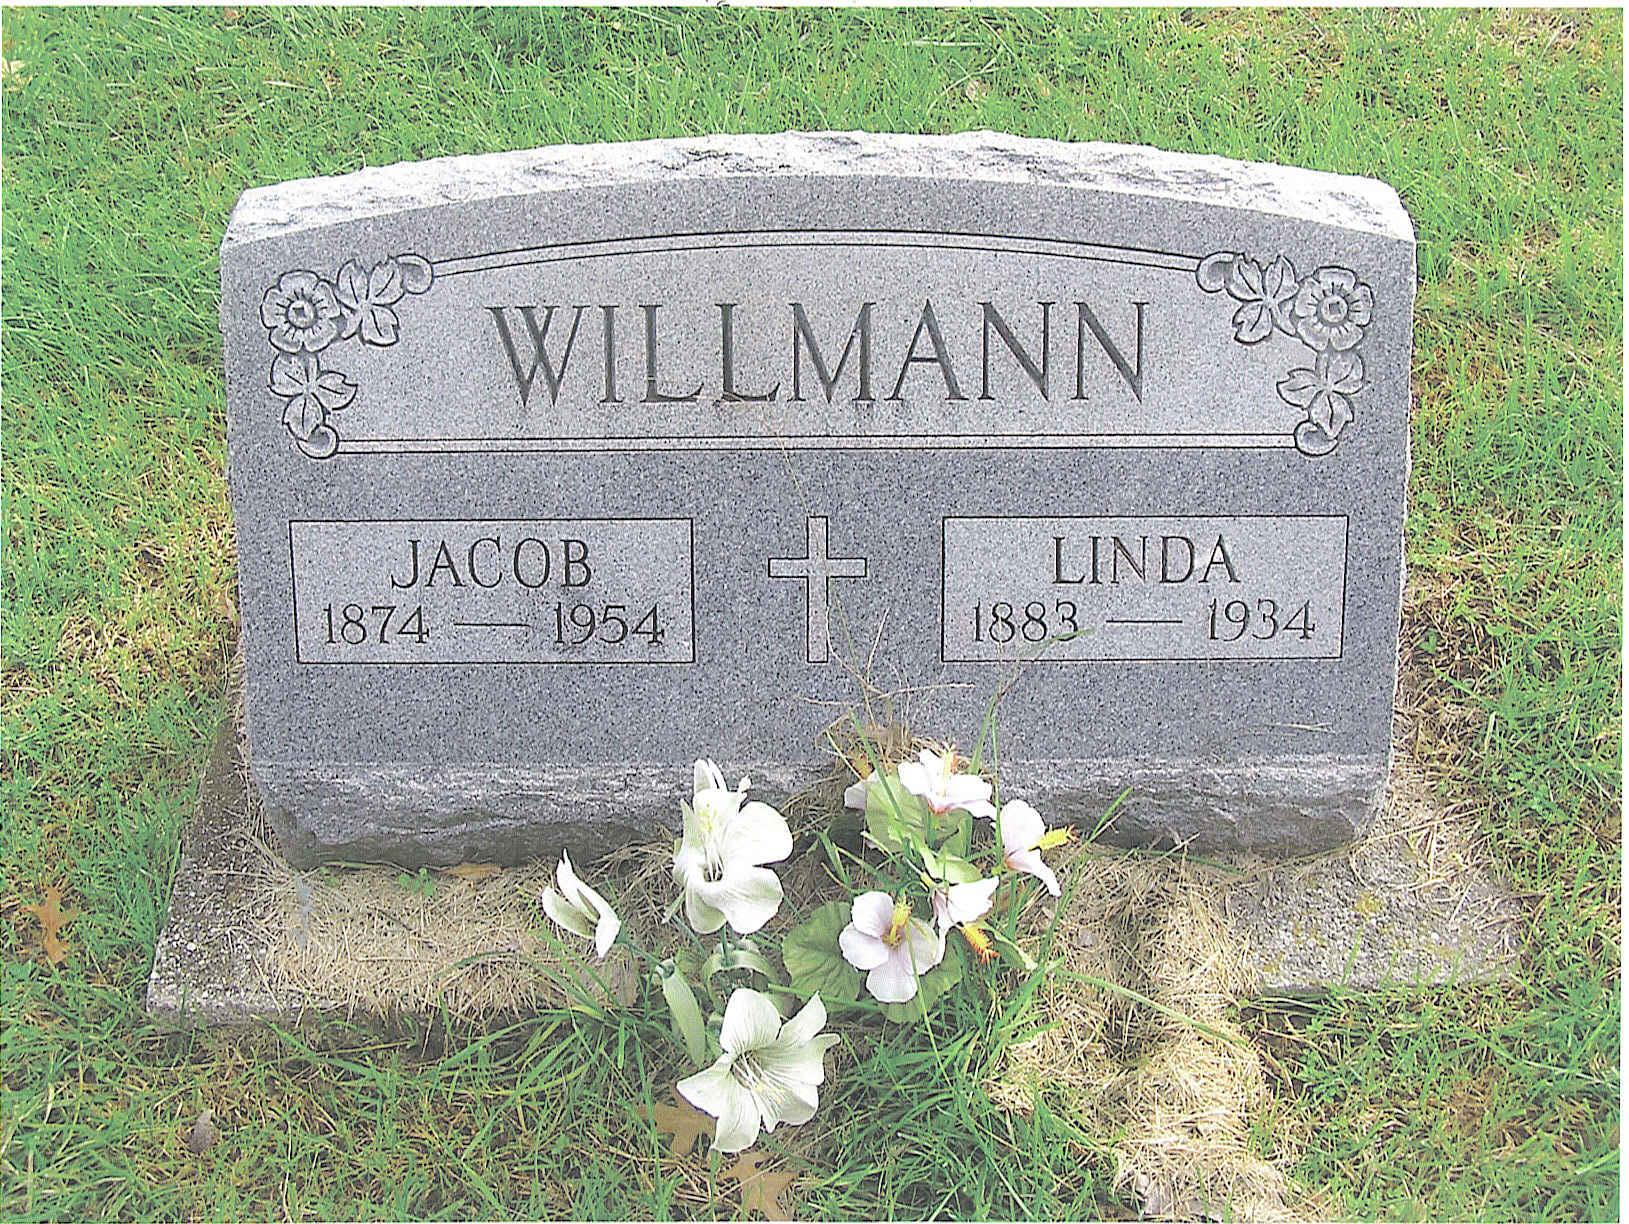 Jacob Willmann